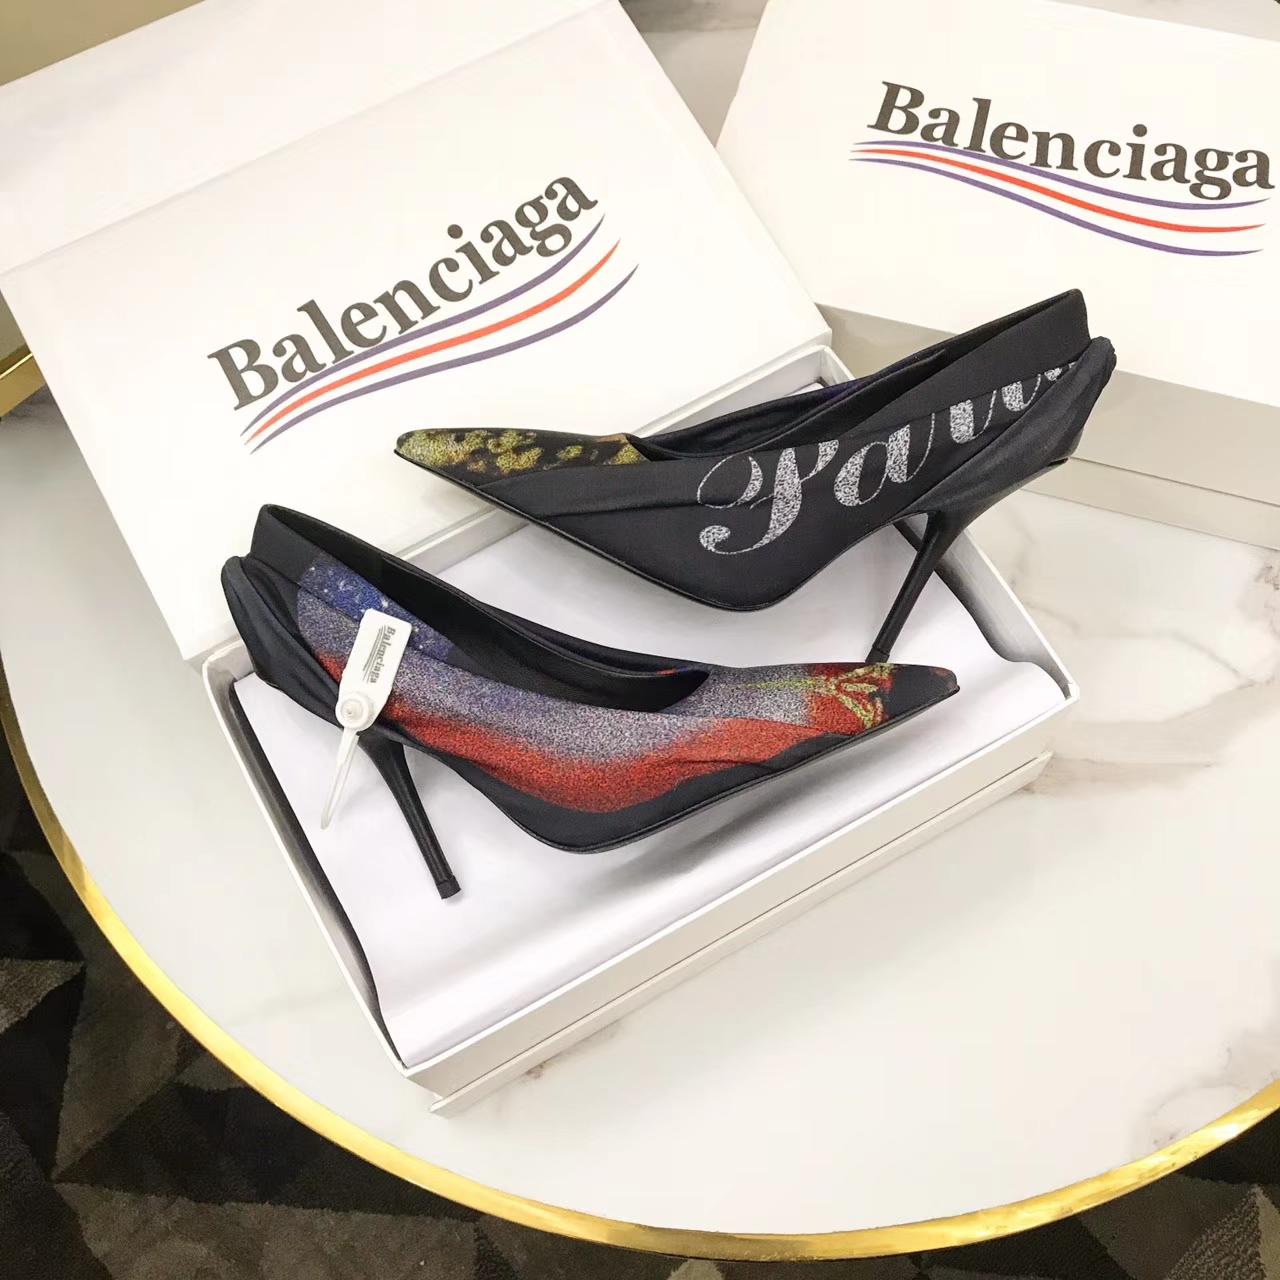 【BALENCIAGA•巴黎世家】原版品质名模走秀款高跟鞋